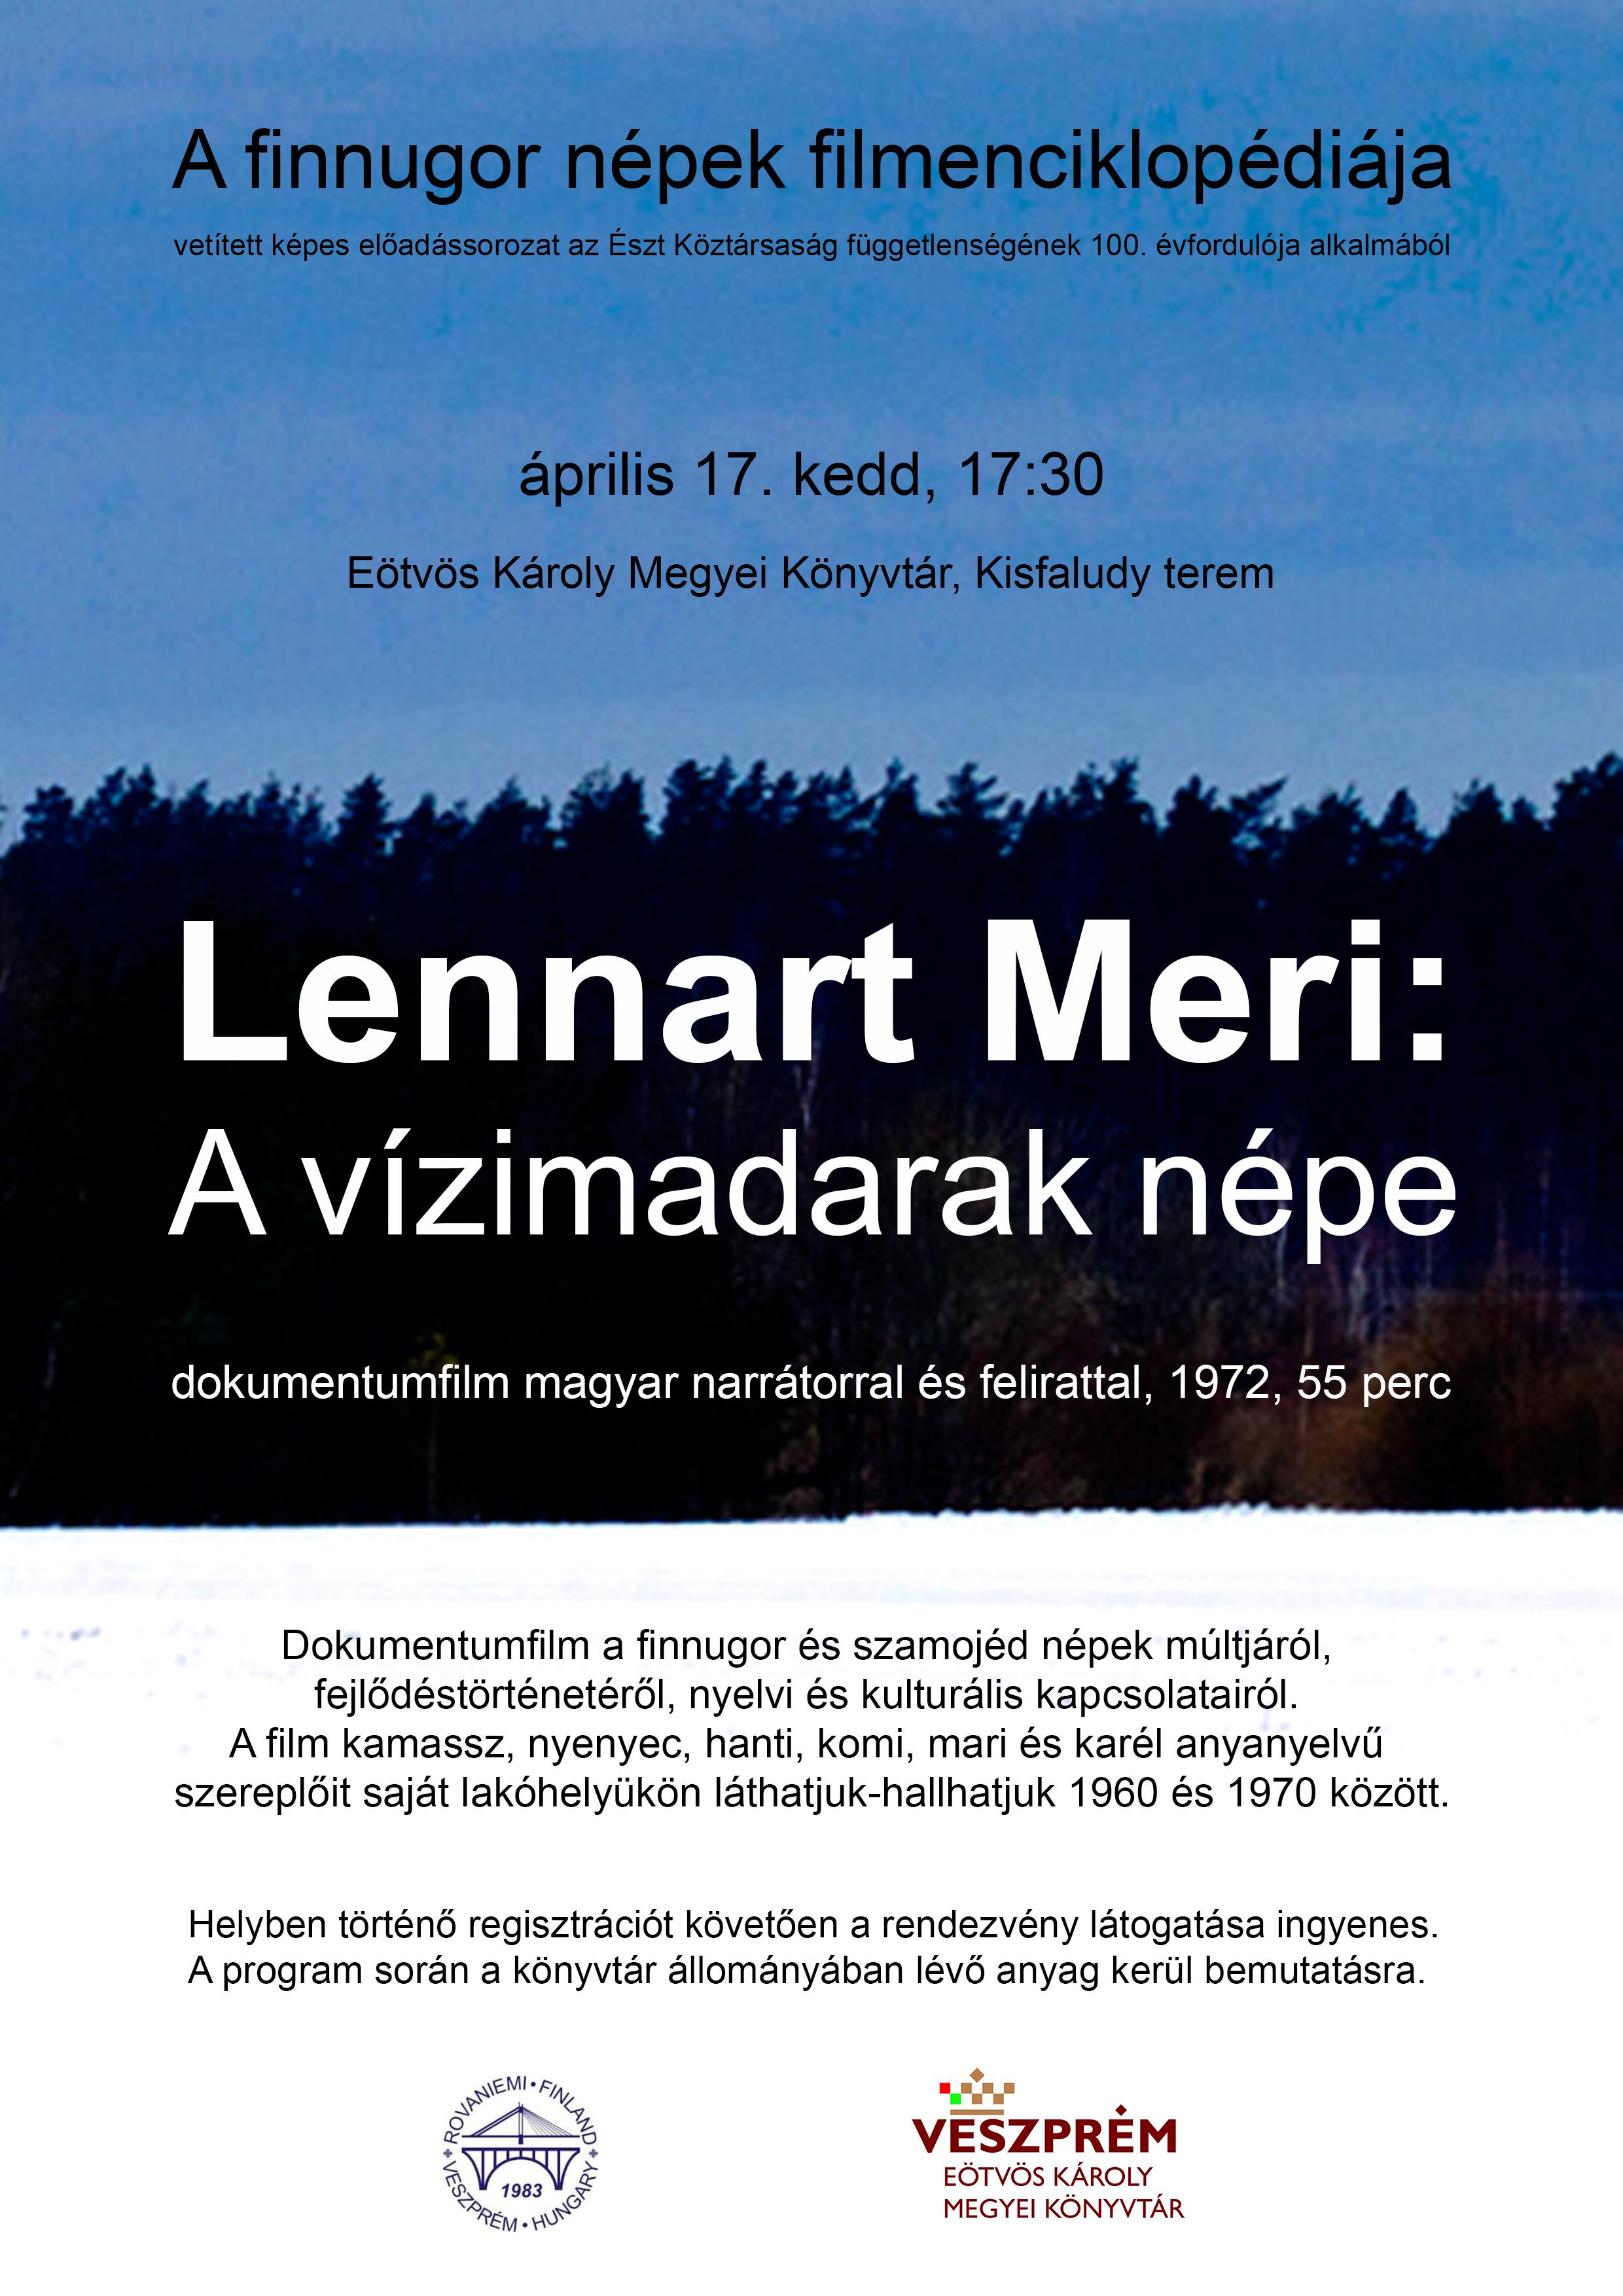 A finnugor népek filmenciklopédiája